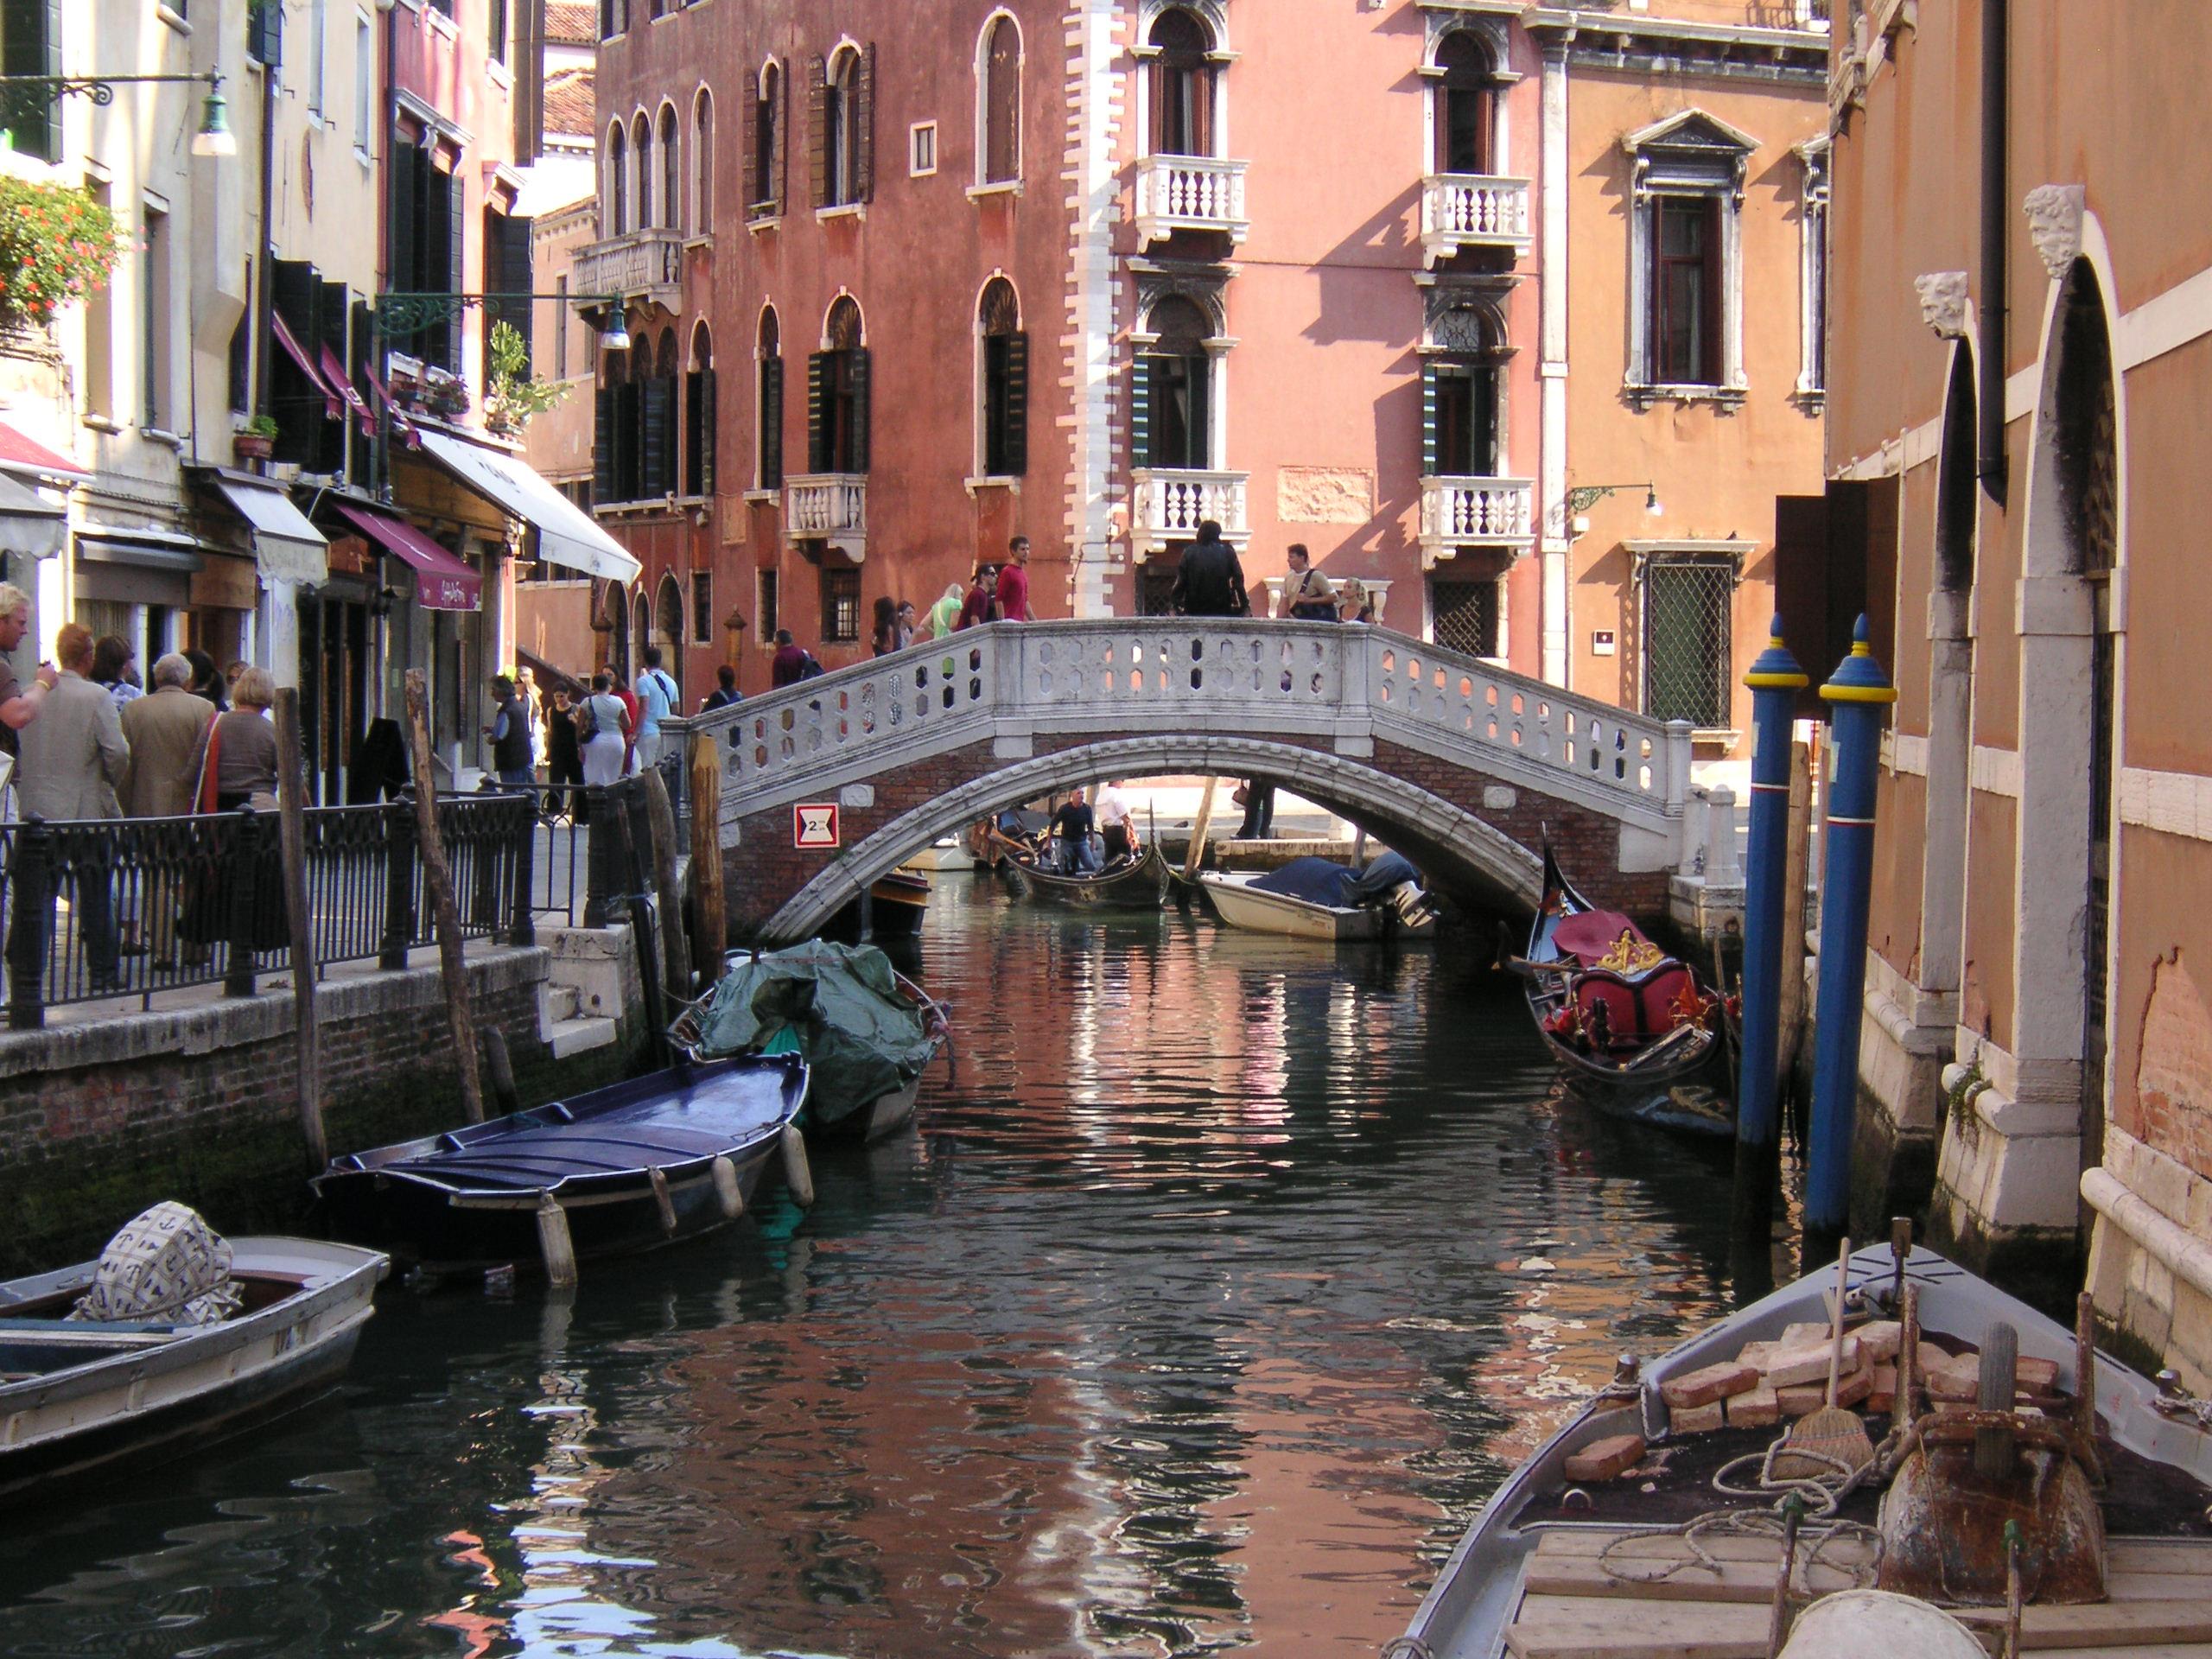 File:Venedig Kanal 01.jpg - Wikimedia Commons: https://commons.wikimedia.org/wiki/File:Venedig_Kanal_01.jpg